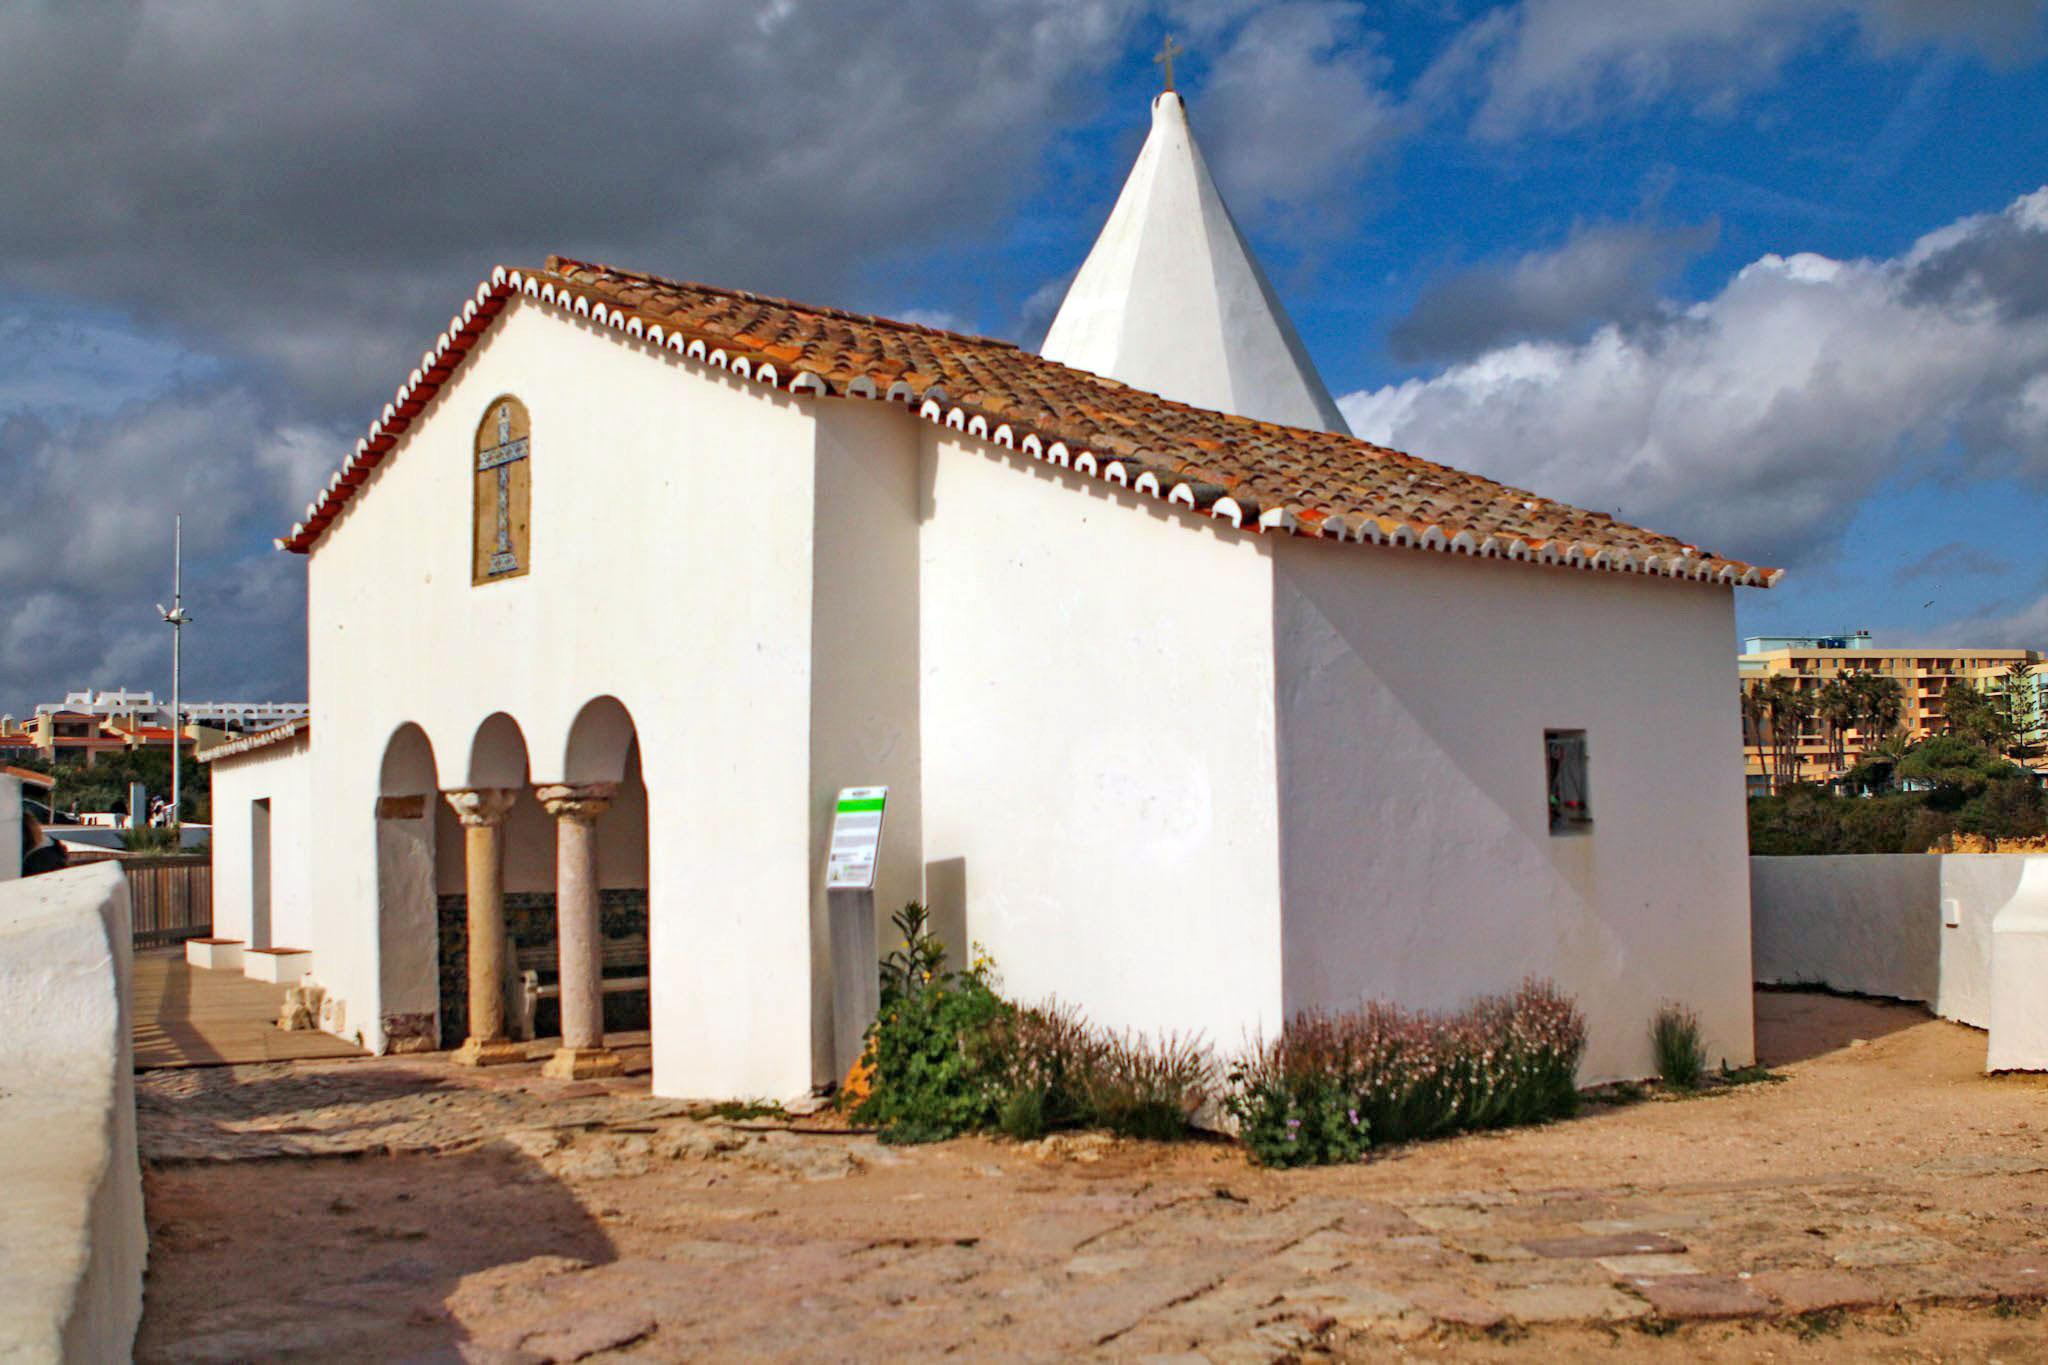 senhora_da_rocha_forte_capela_viagem_algarve